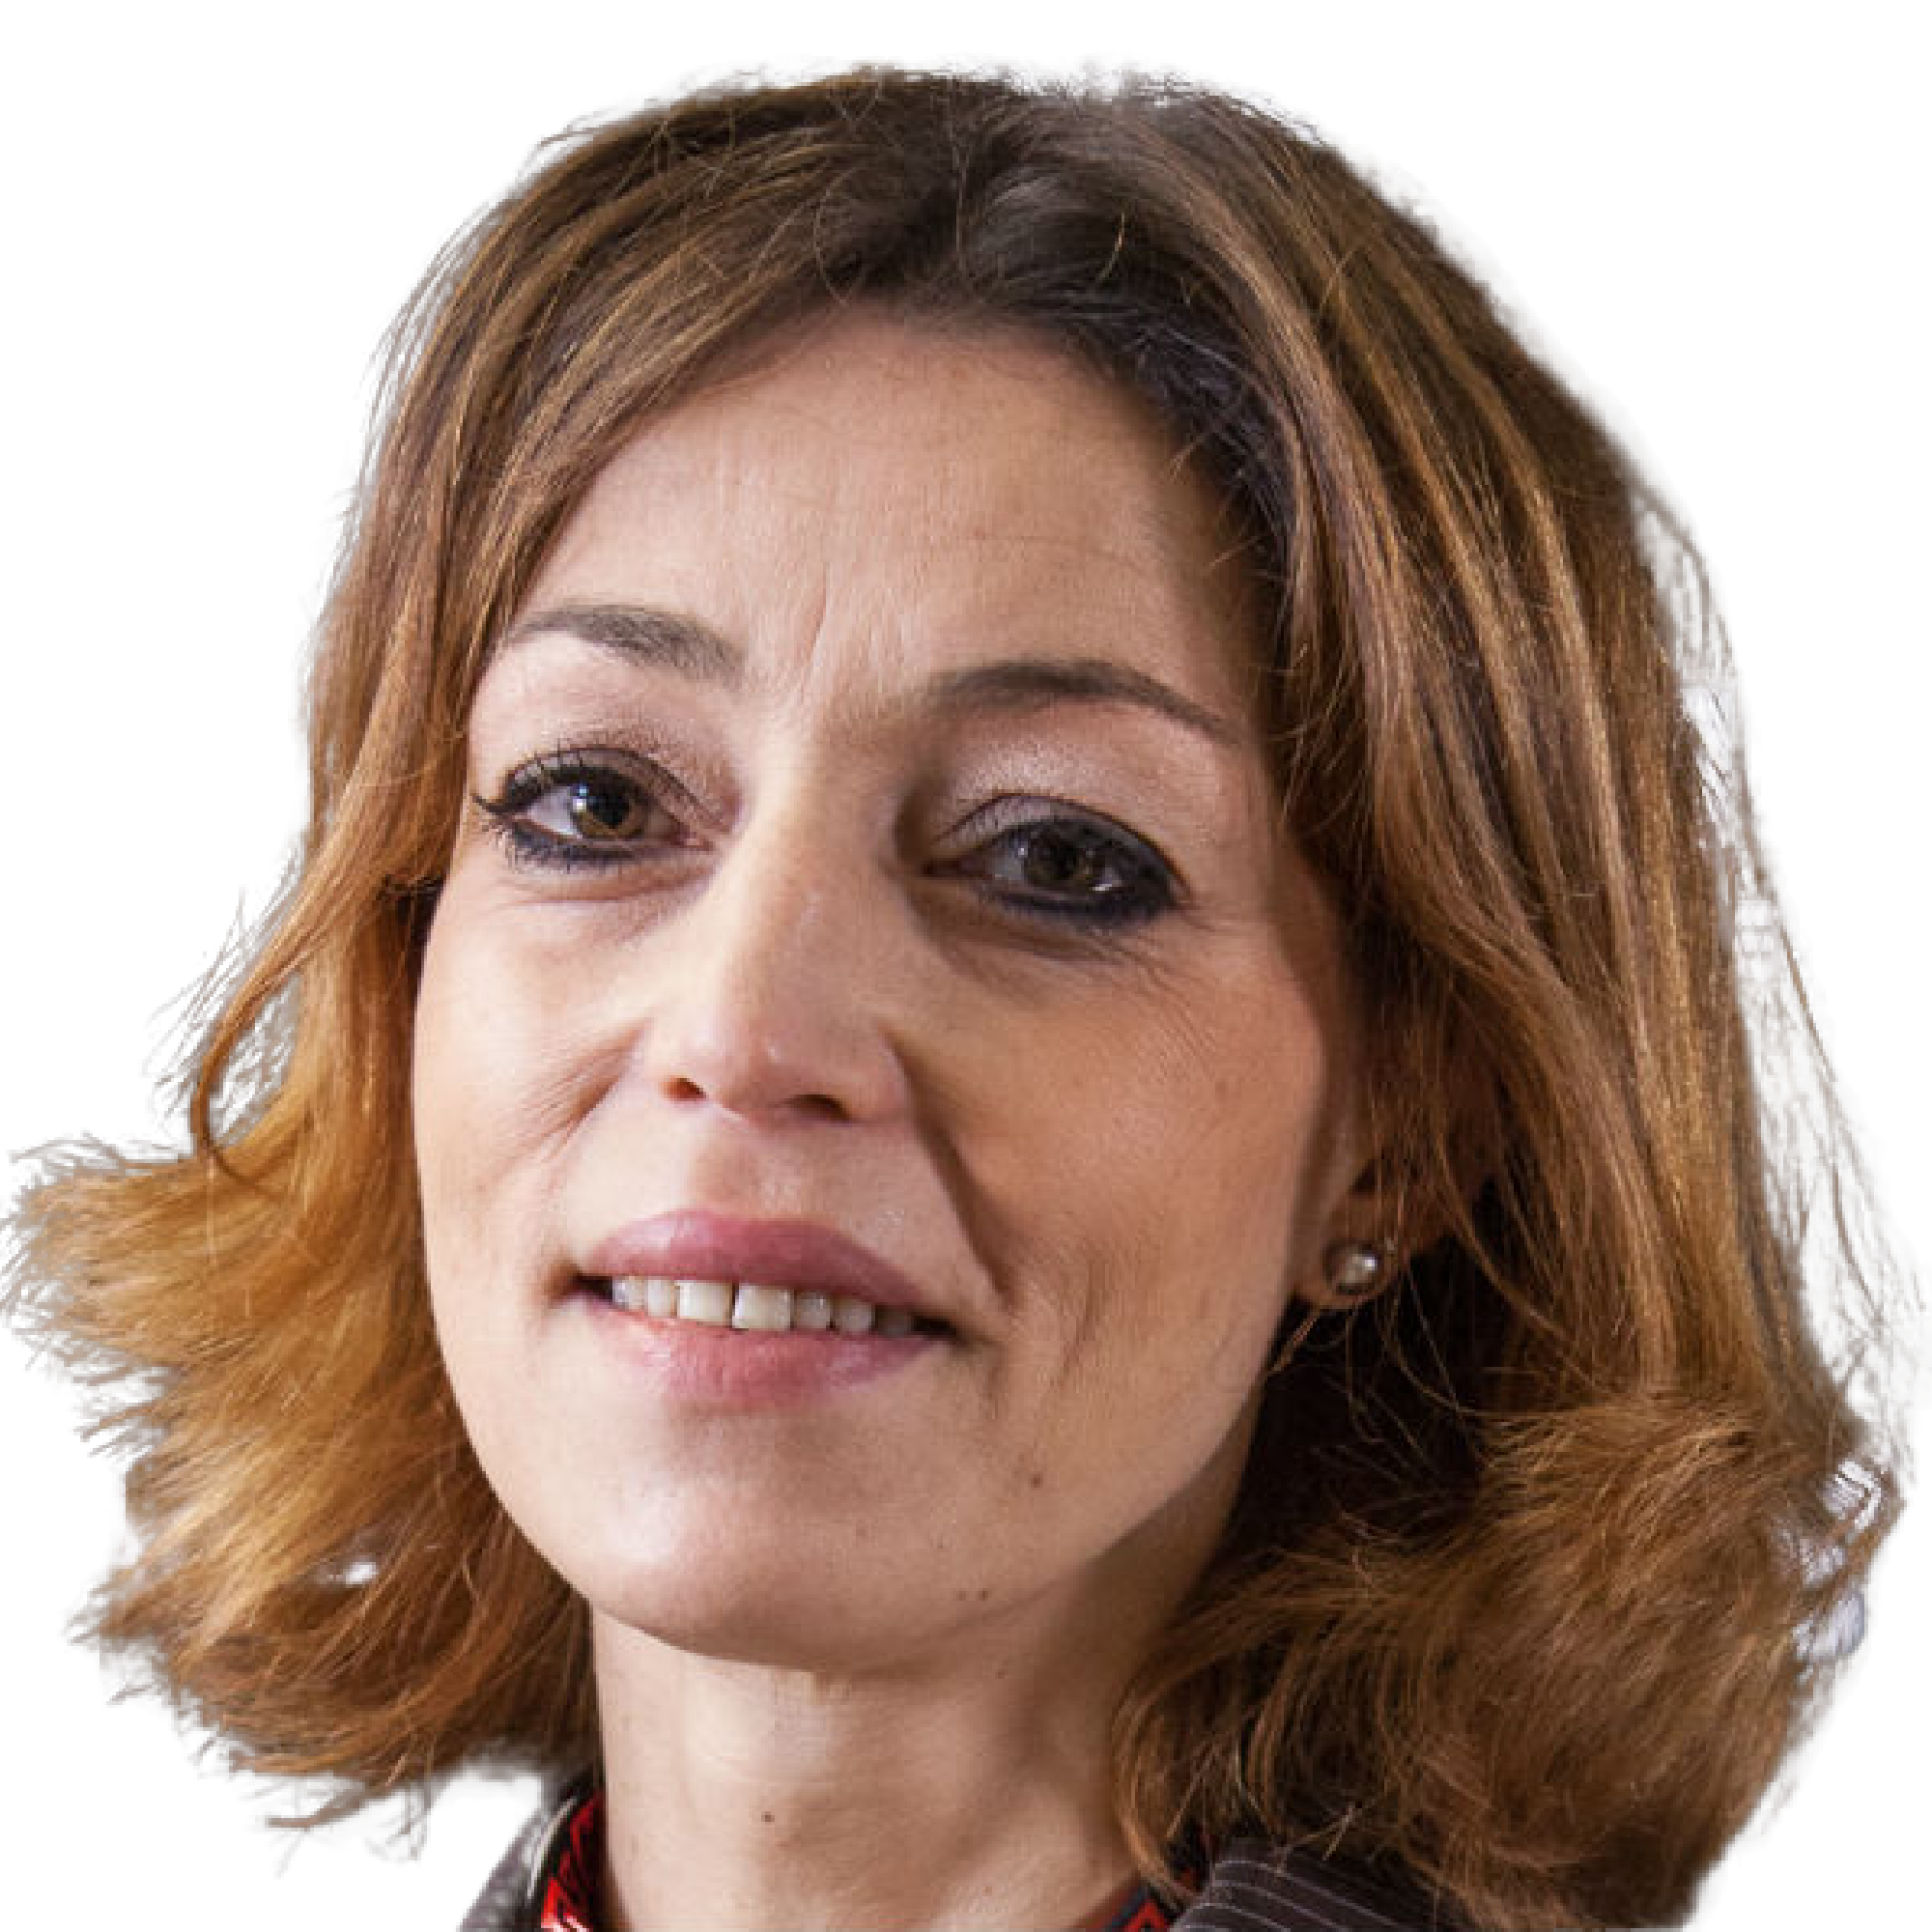 Enrica Tiozzo